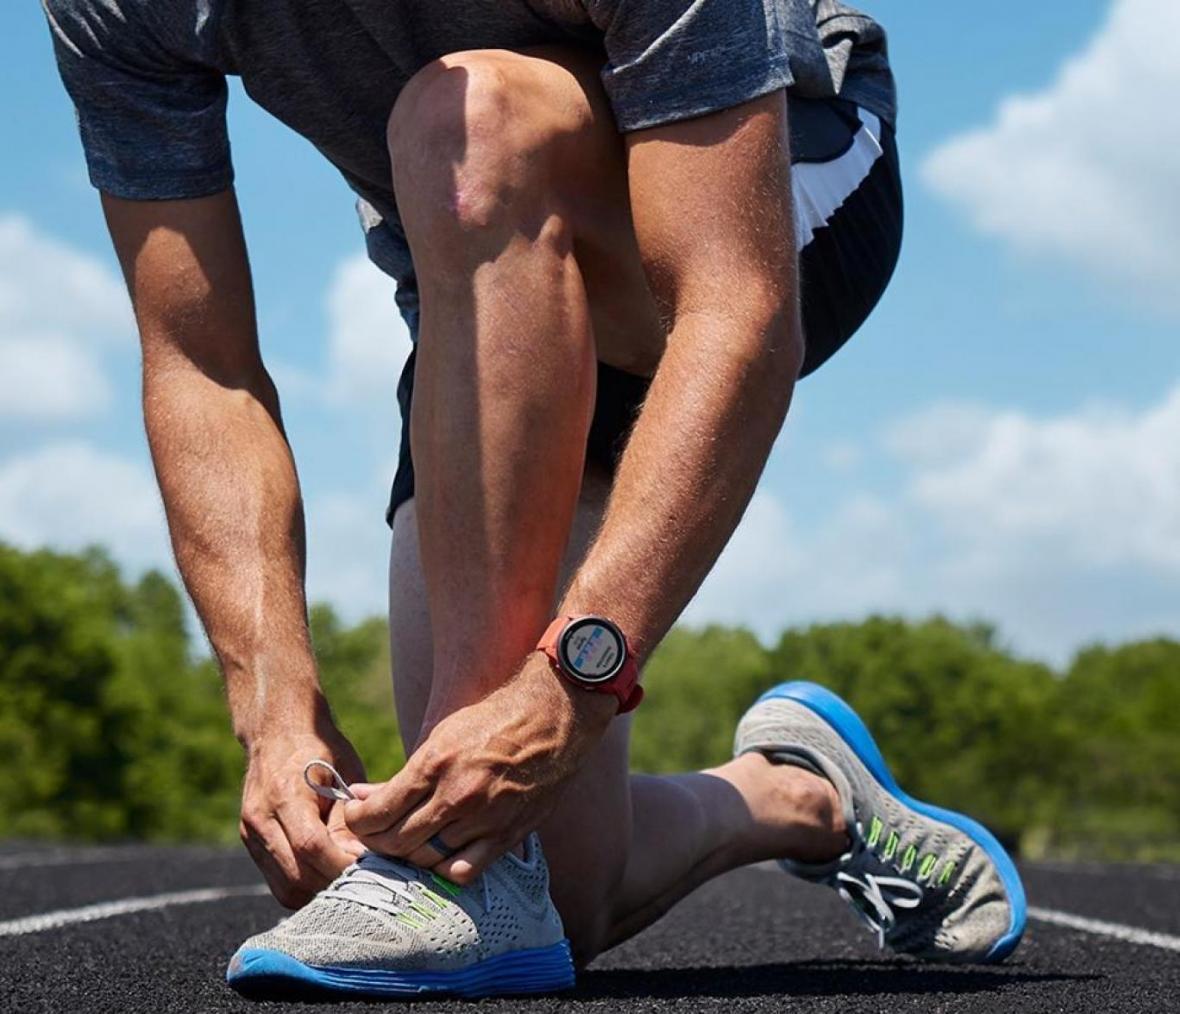 ساعت مچی هوشمند یا مربی ورزش های سه گانه؟